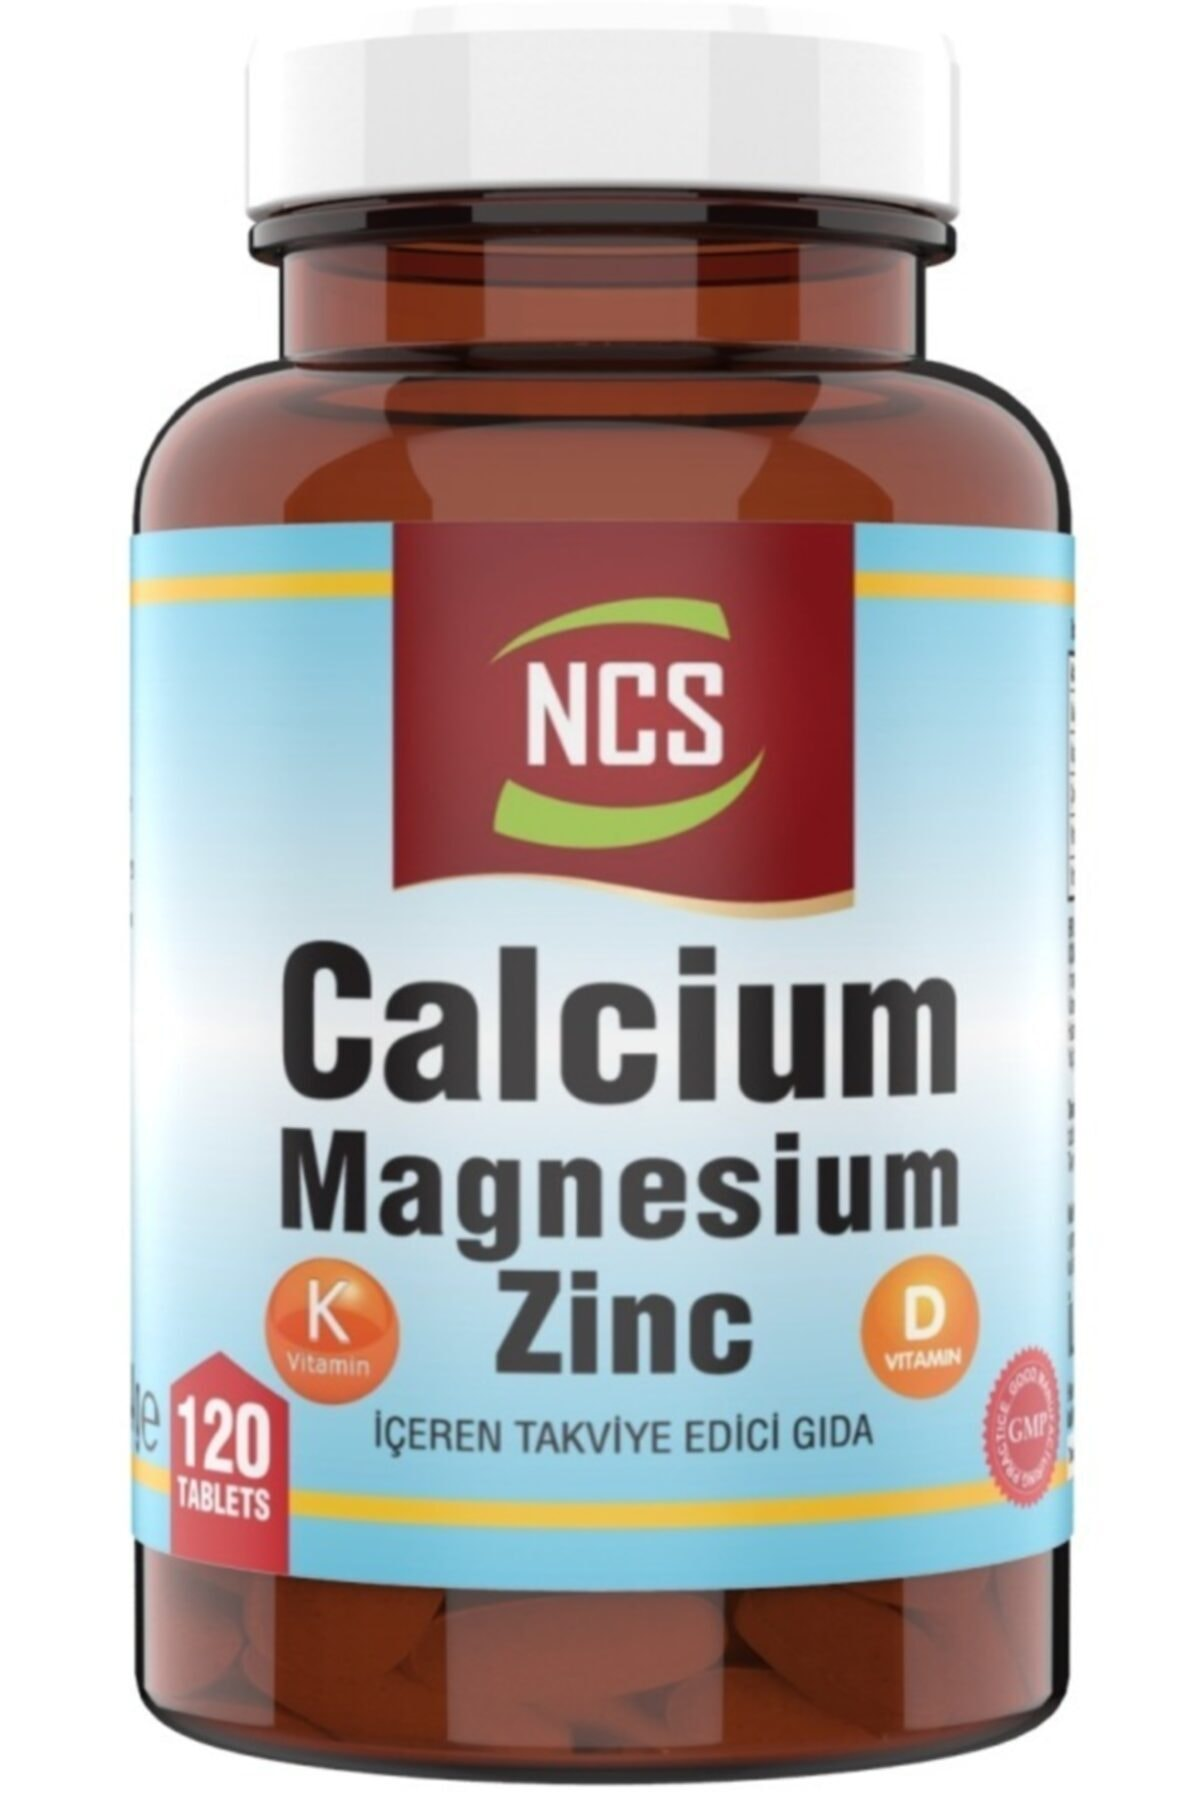 ® Calcium Magnesium Çinko D&k (kalsiyum Magnezyum Çinko) 120 Tablet